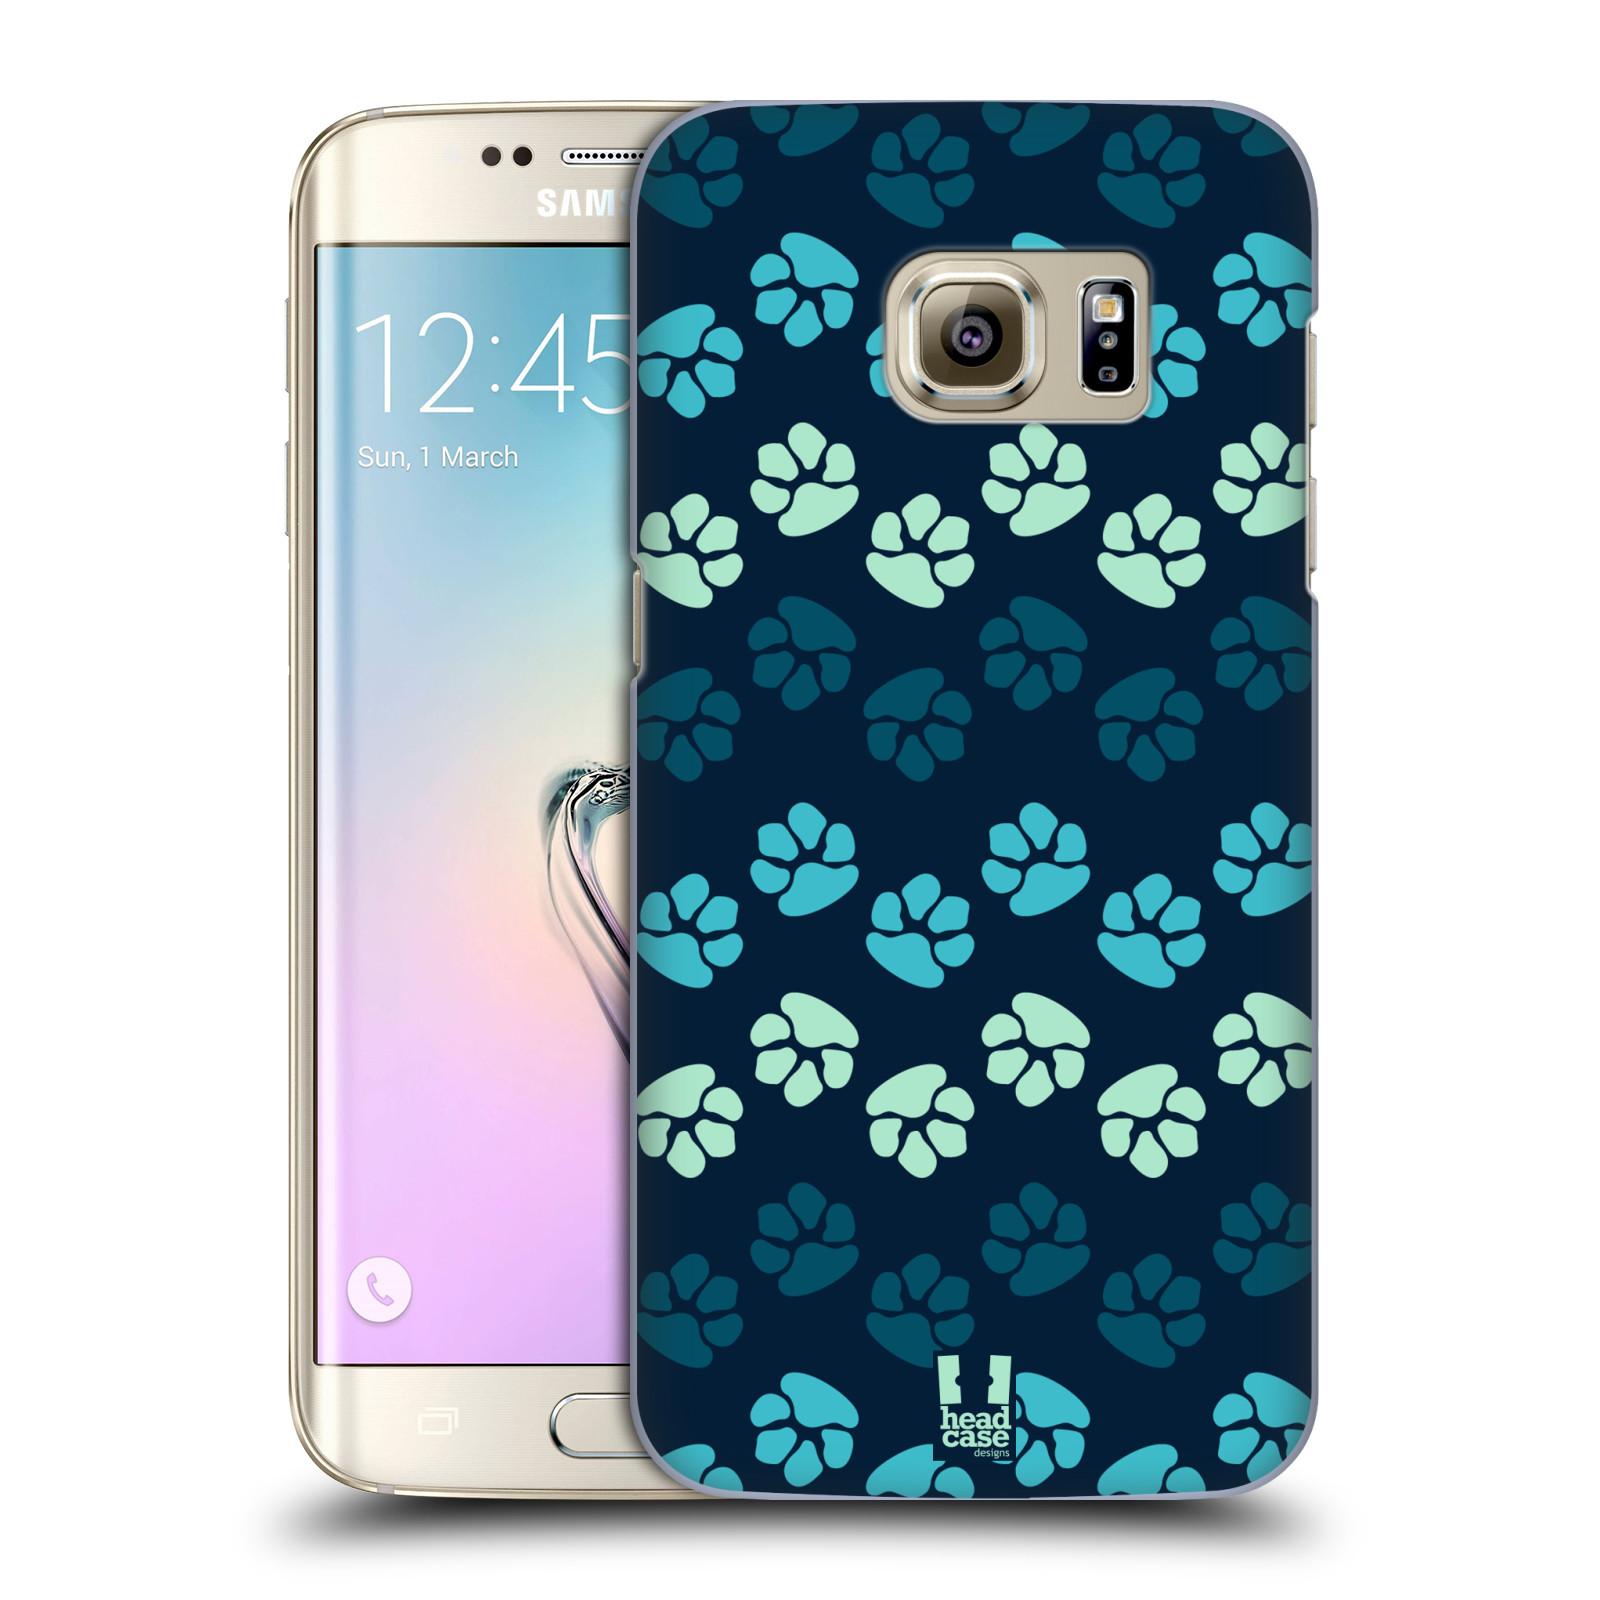 Plastové pouzdro na mobil Samsung Galaxy S7 Edge HEAD CASE TLAPKY MODRÉ (Kryt či obal na mobilní telefon Samsung Galaxy S7 Edge SM-G935F)